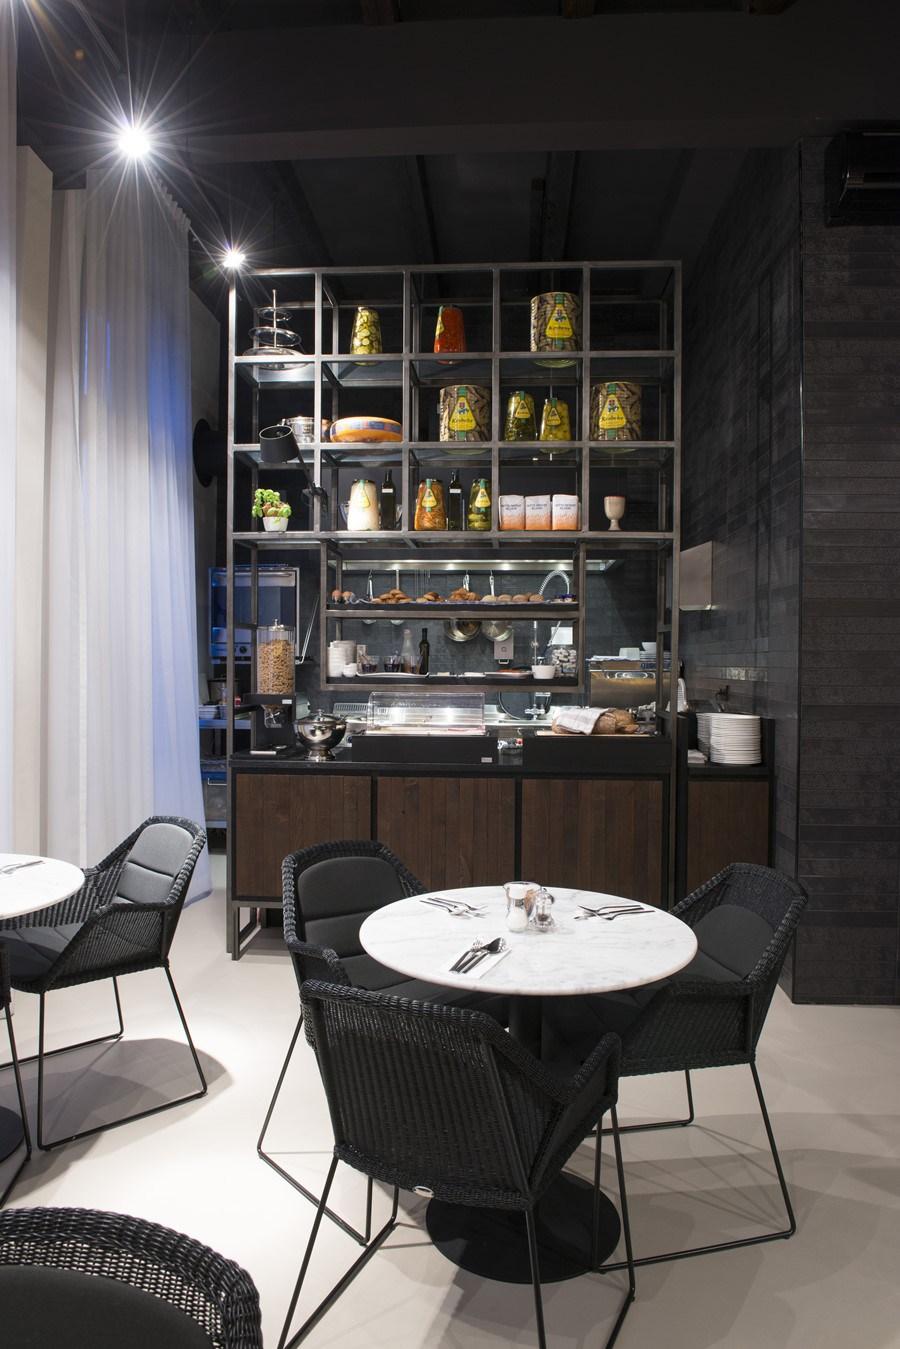 Boutique-hotel-Amsterdam-by-Jeroen-de-Nijs-08